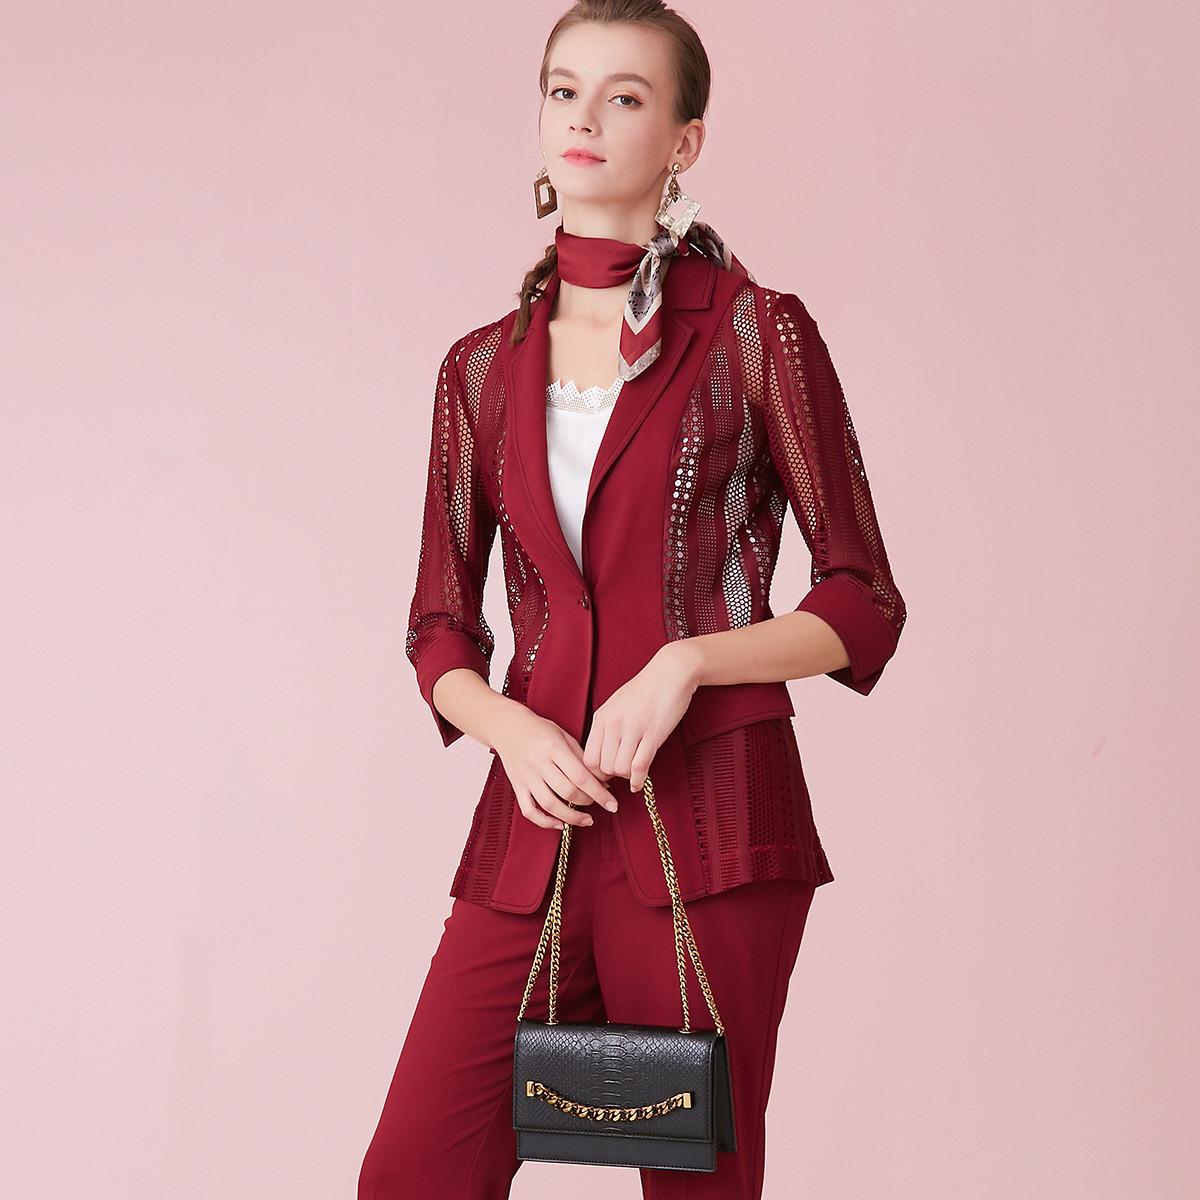 粉蓝衣橱【热销新品】舒适垂顺耐磨H型时尚镂空拼接翻领女式外套501W662038